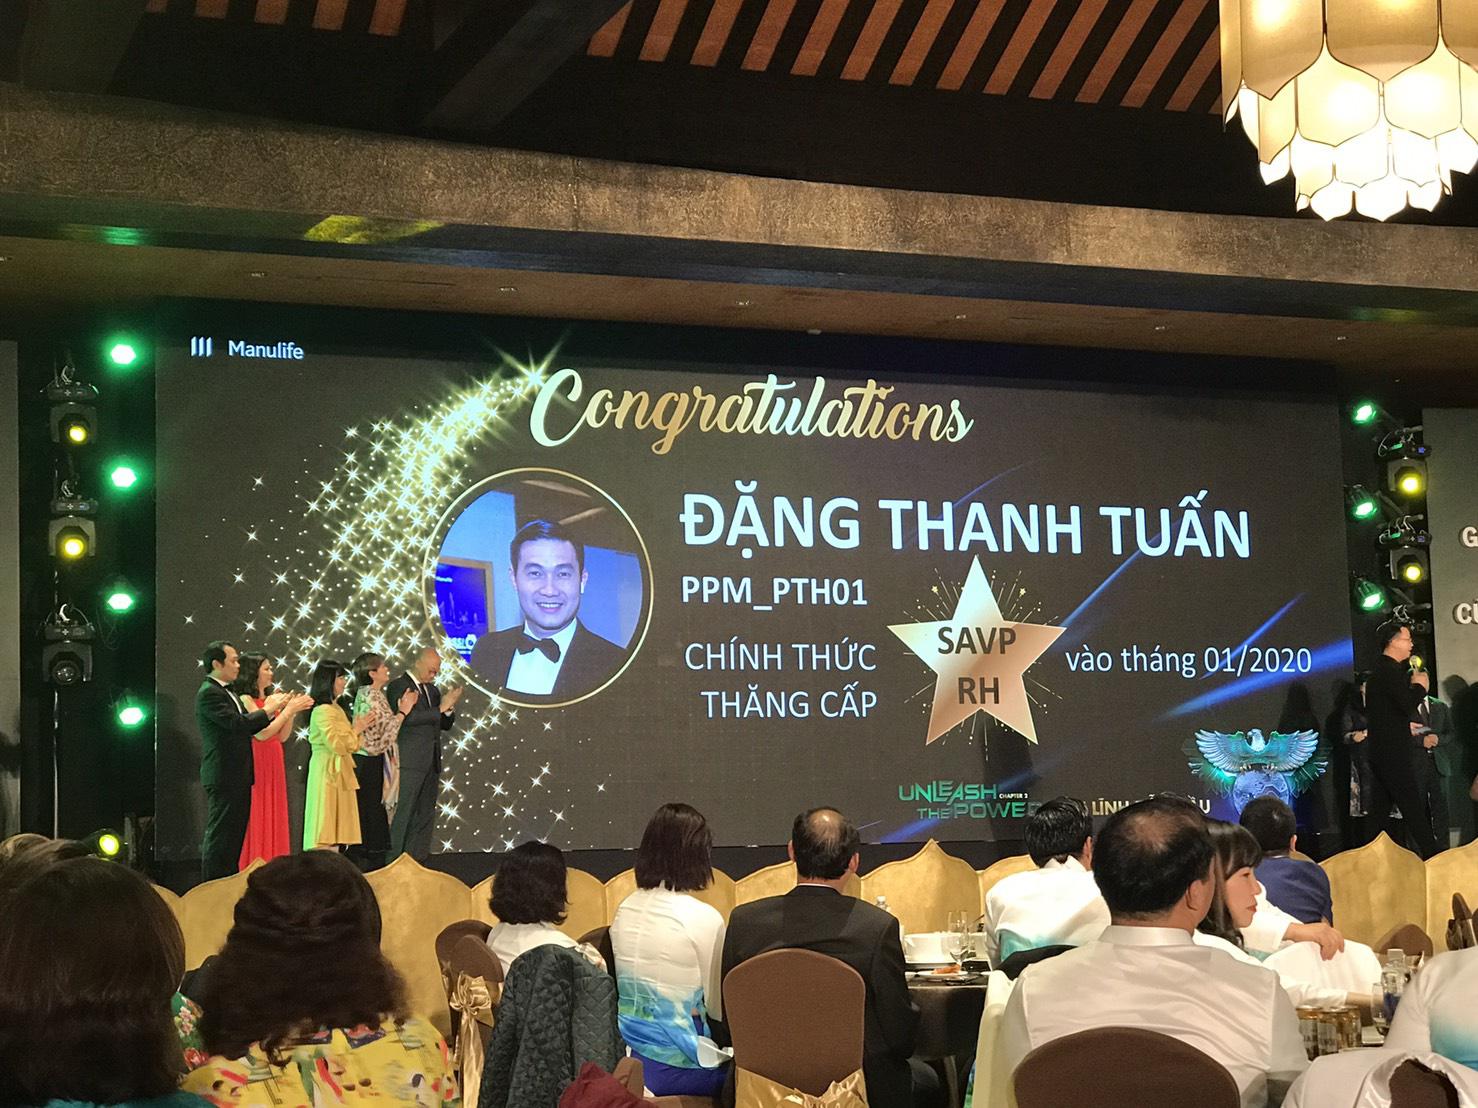 Thành công với triết lý Phát triển con người: Đặng Thanh Tuấn - người truyền lửa cho nhiều bạn trẻ khởi nghiệp - Ảnh 1.